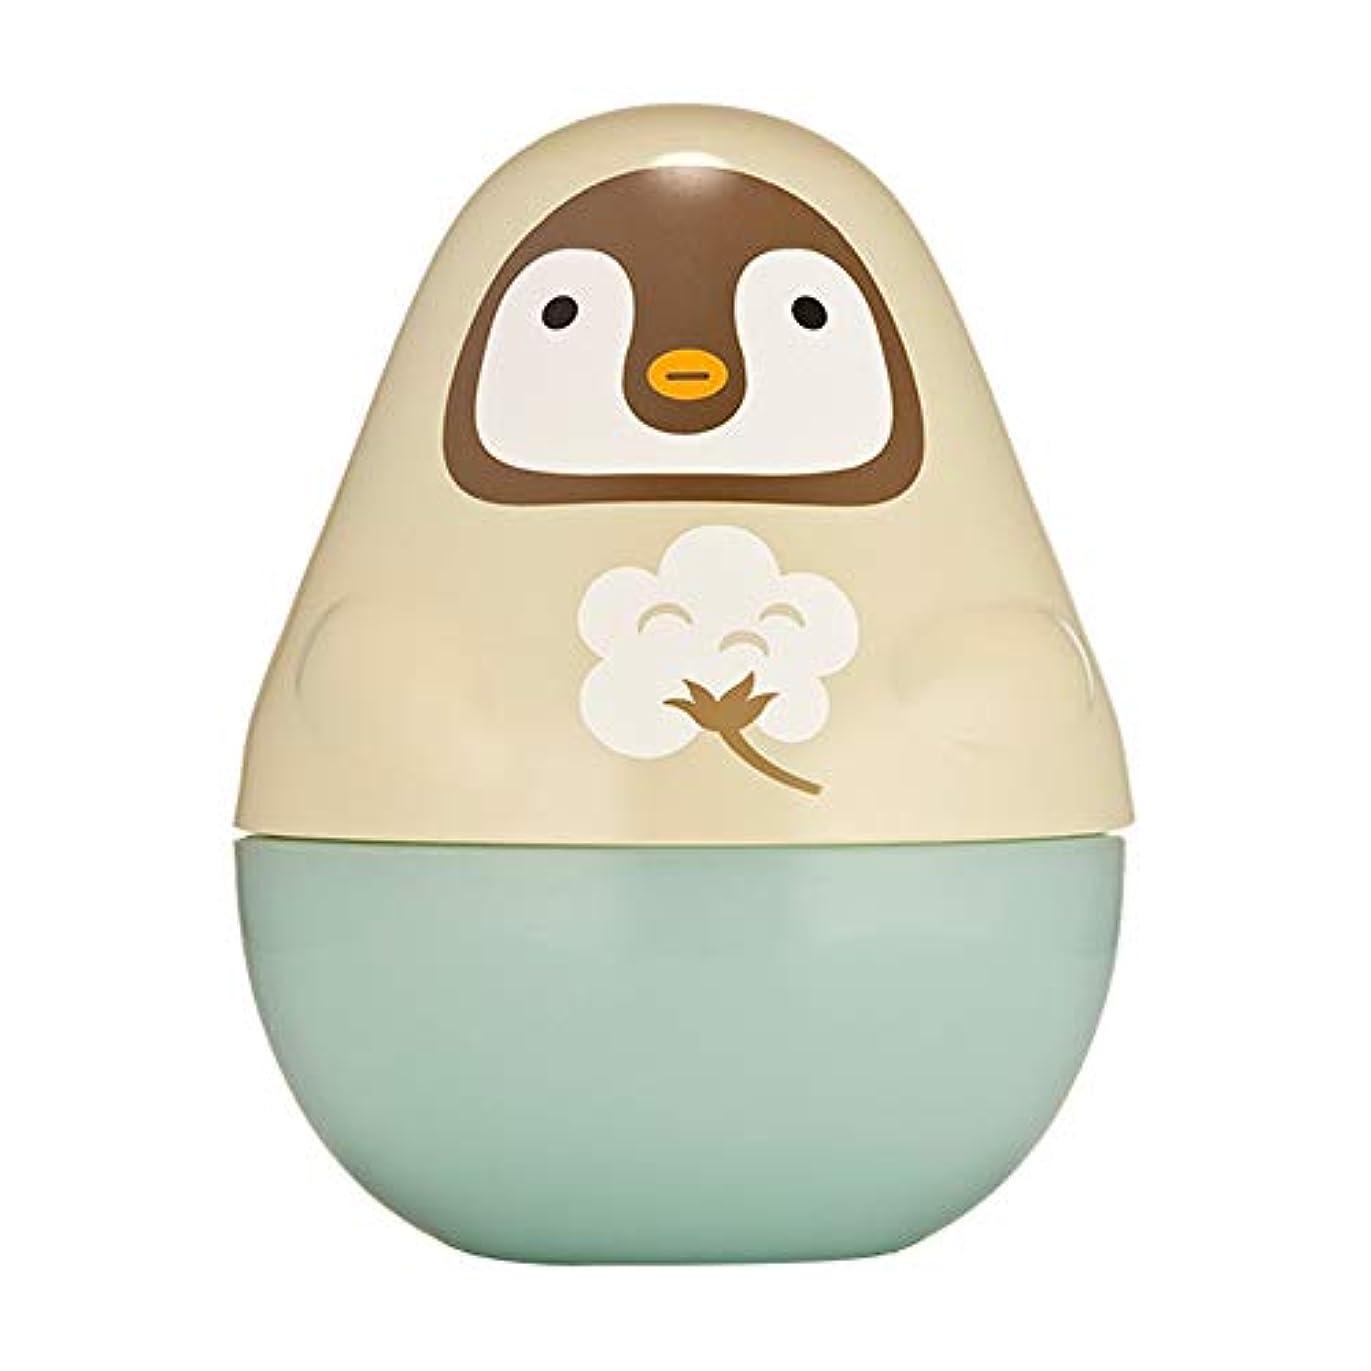 エキゾチック考える有望エチュードハウス(ETUDE HOUSE) ミッシングユー ハンドクリーム ペンギン(ベビーパウダーの香り)